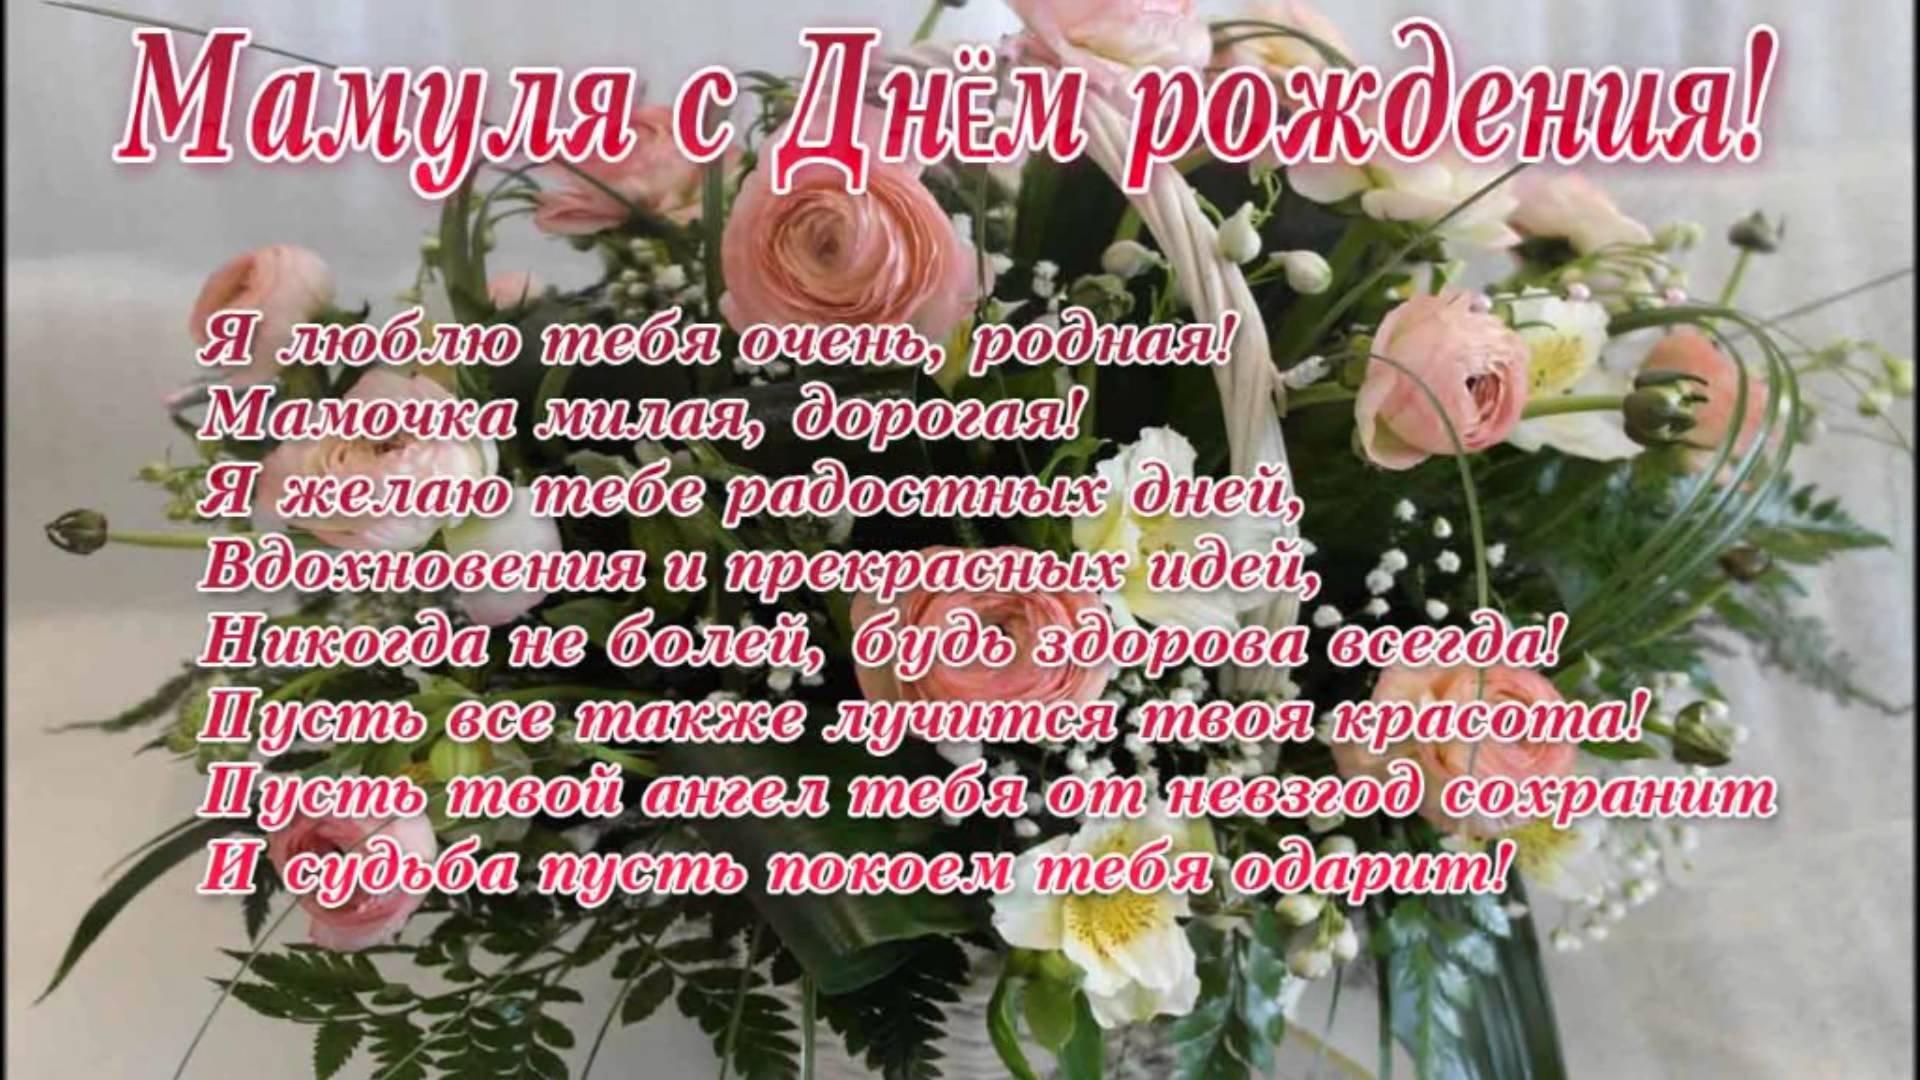 Поздравление с днём рождения знакомой маме